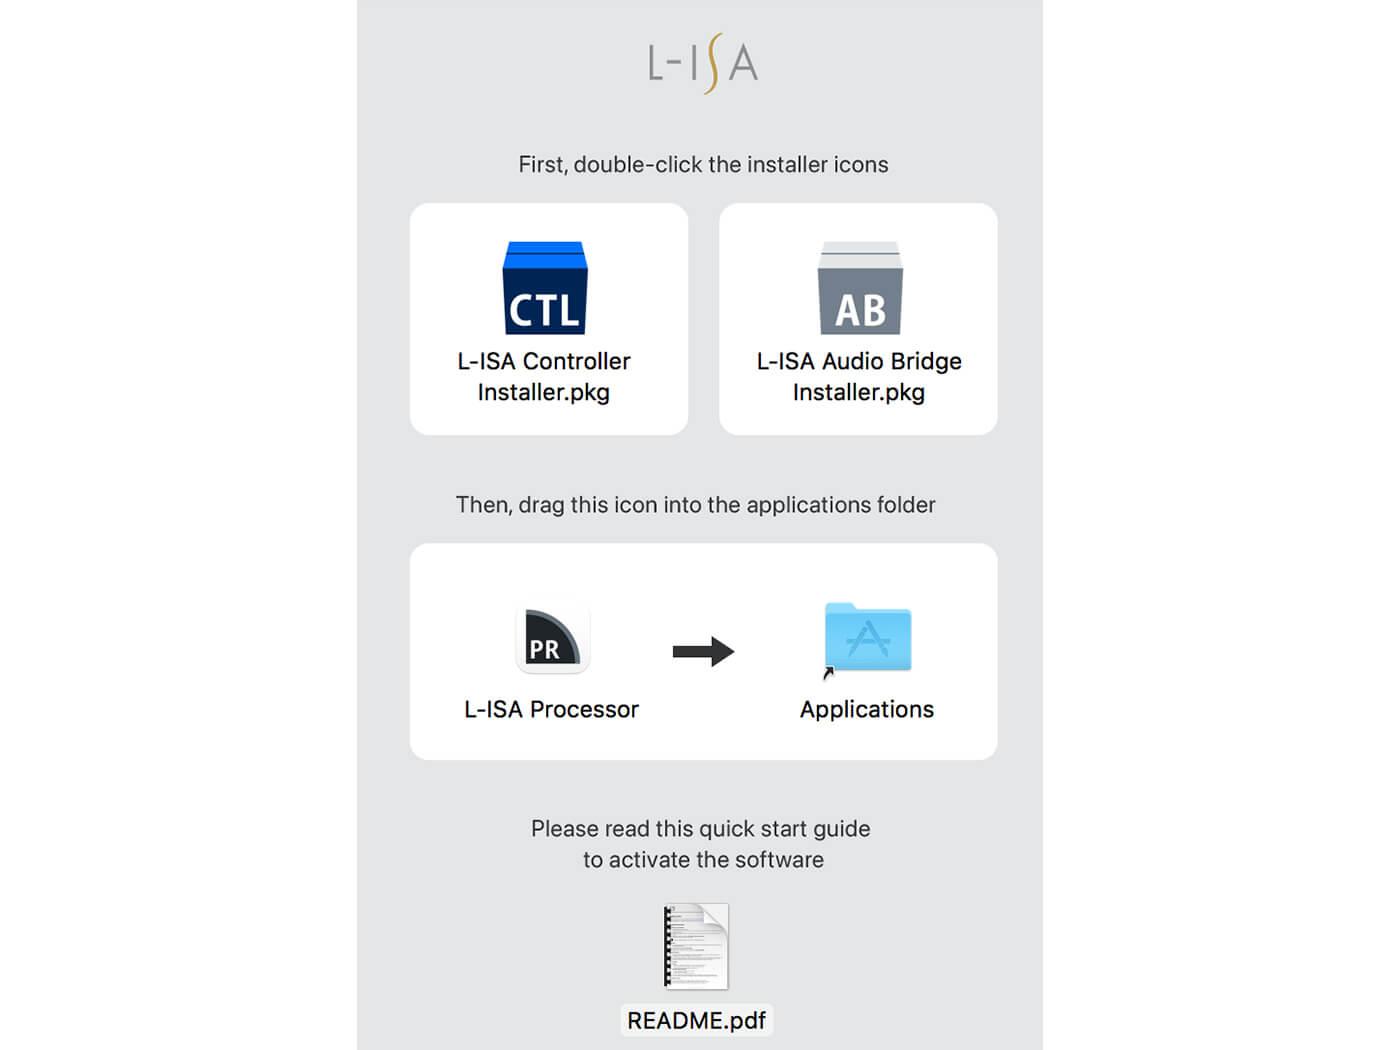 L Acoustics L-ISA